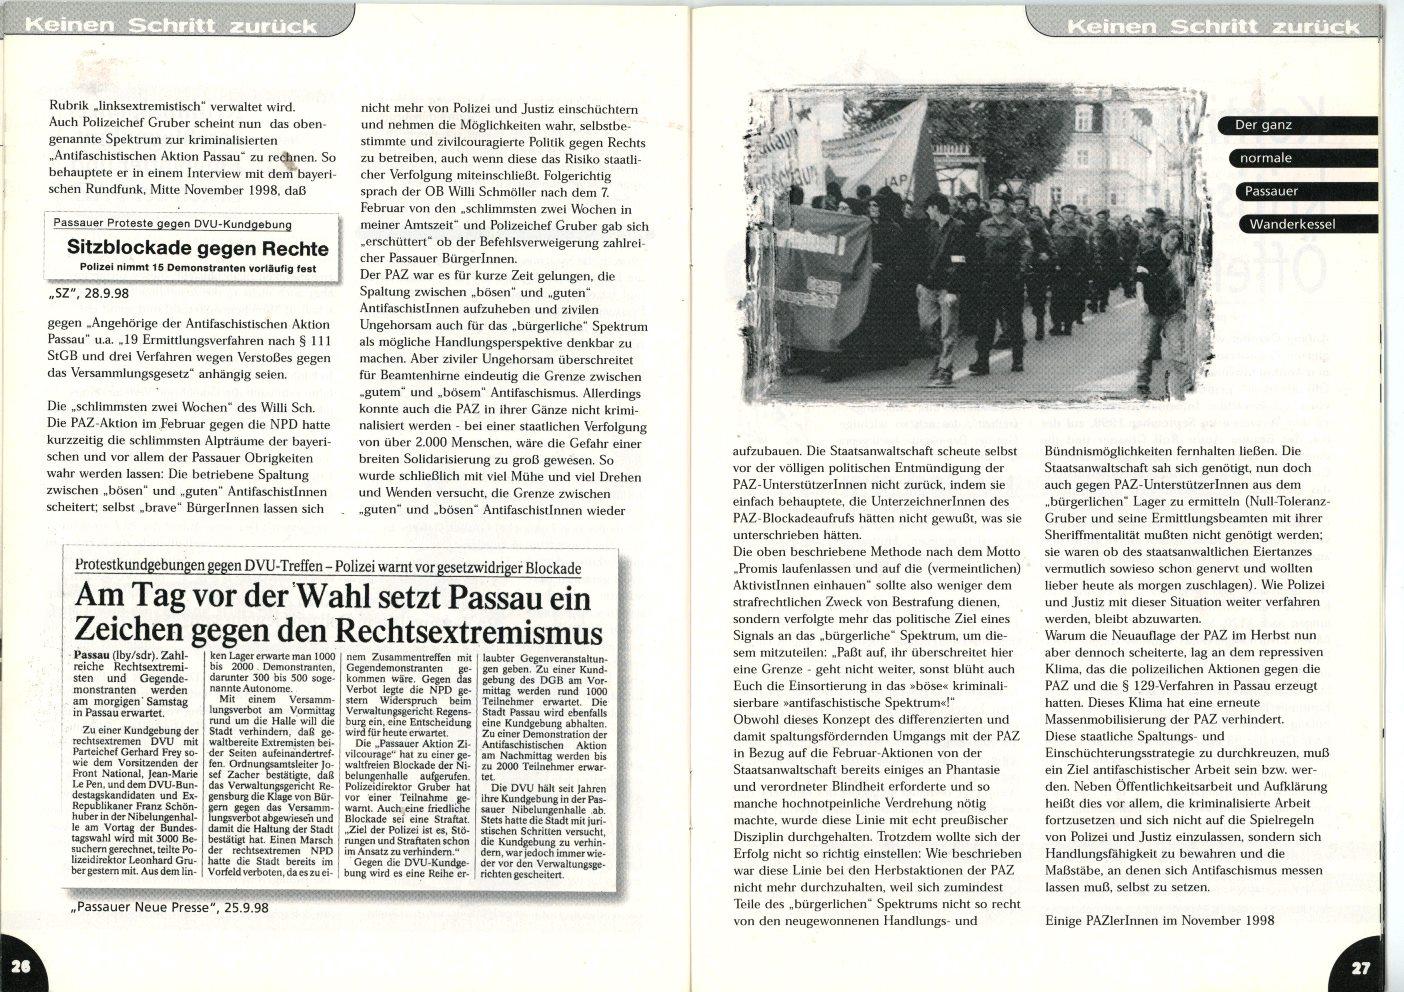 Passau_RH_1998_Keinen_Schritt_zurueck_14